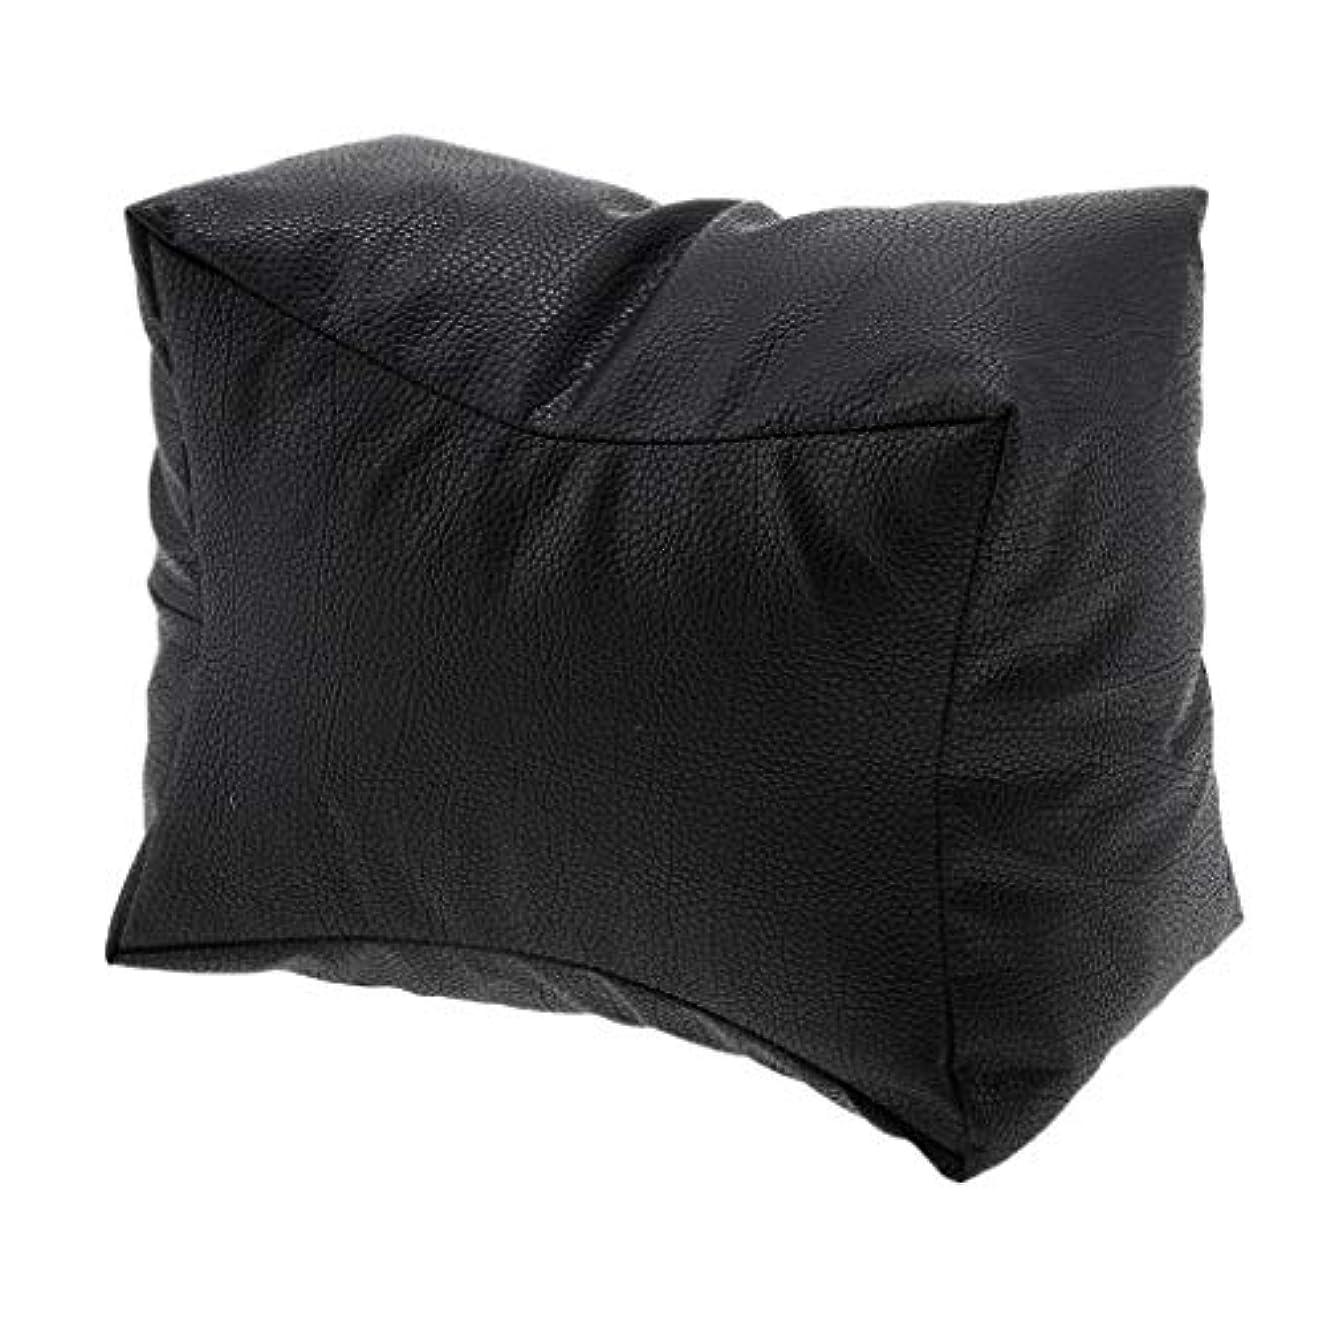 パークプレゼンごちそうネイル アームレスト ジェルネイルまくら ネイルアートピロー アームレスト クッション 枕 ピロー 3カラー - ブラック